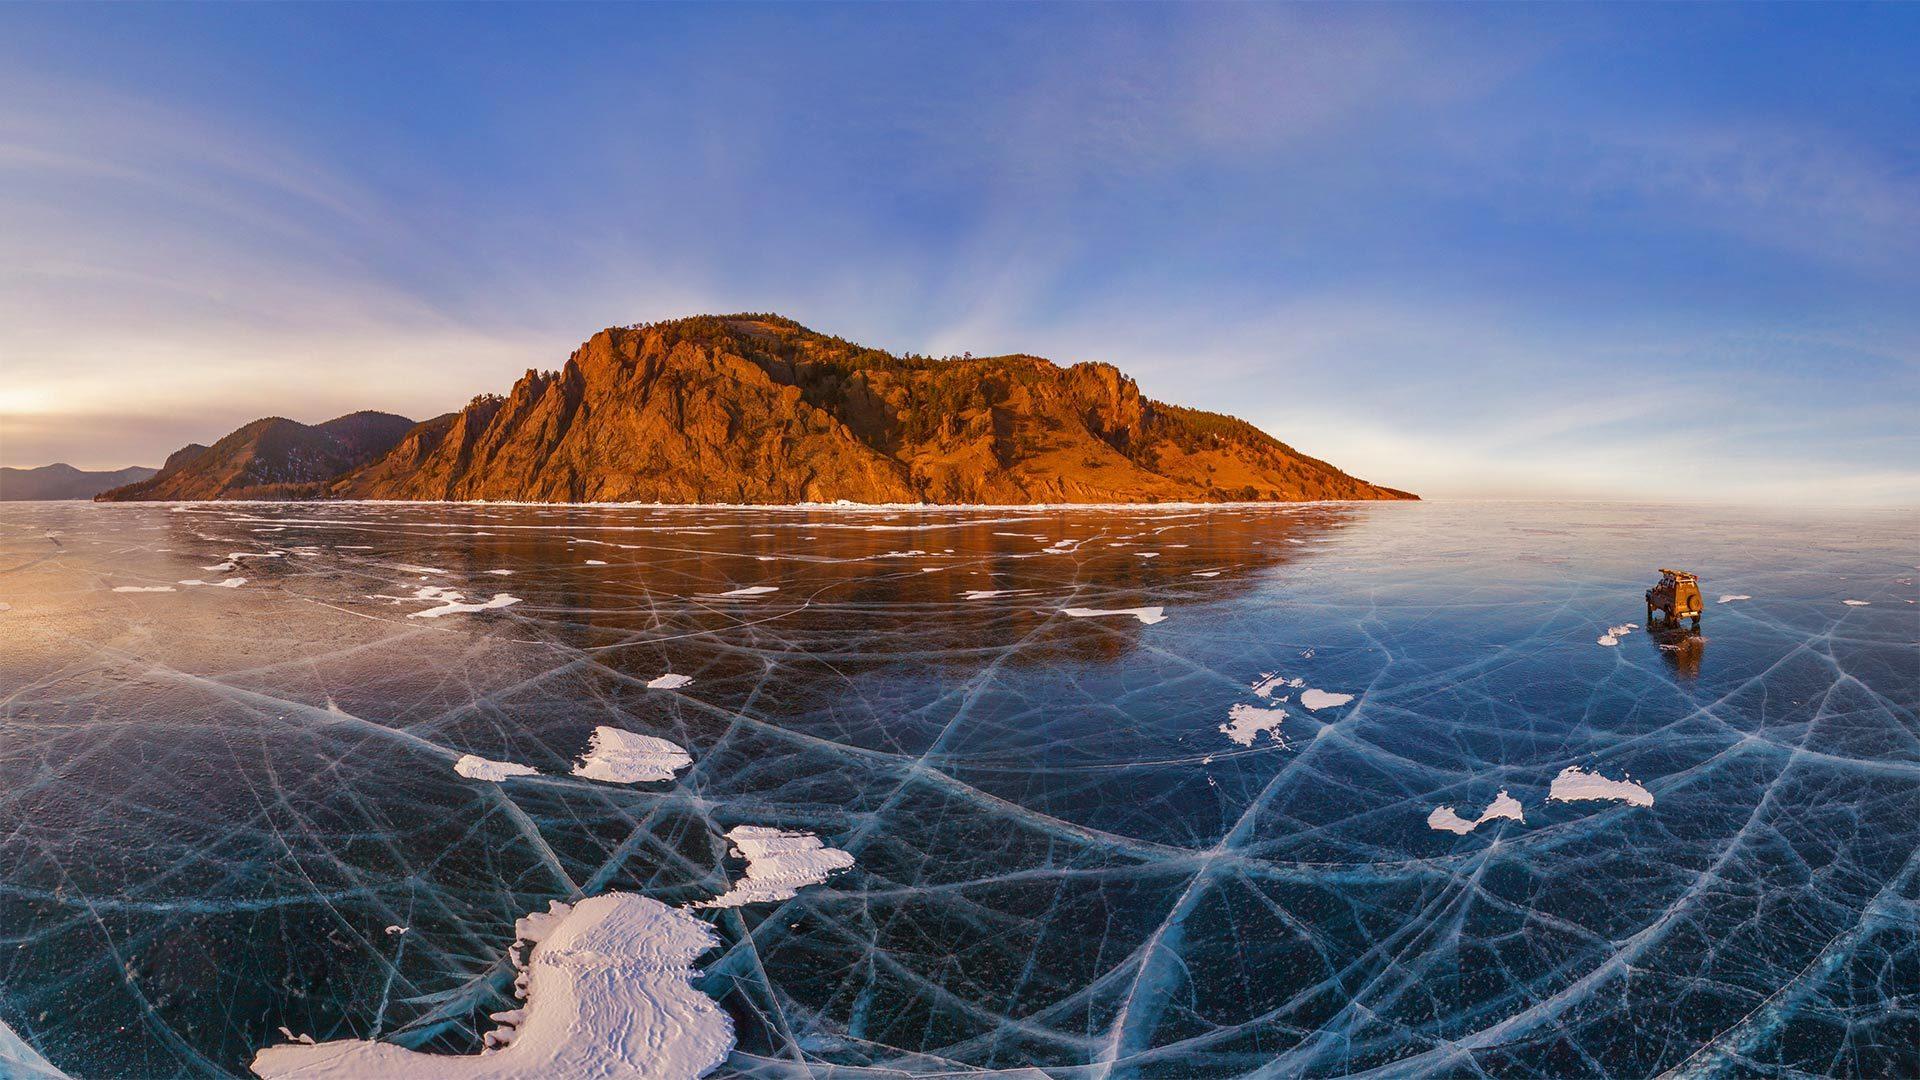 汽车穿过贝加尔湖冰面的鸟瞰图贝加尔湖